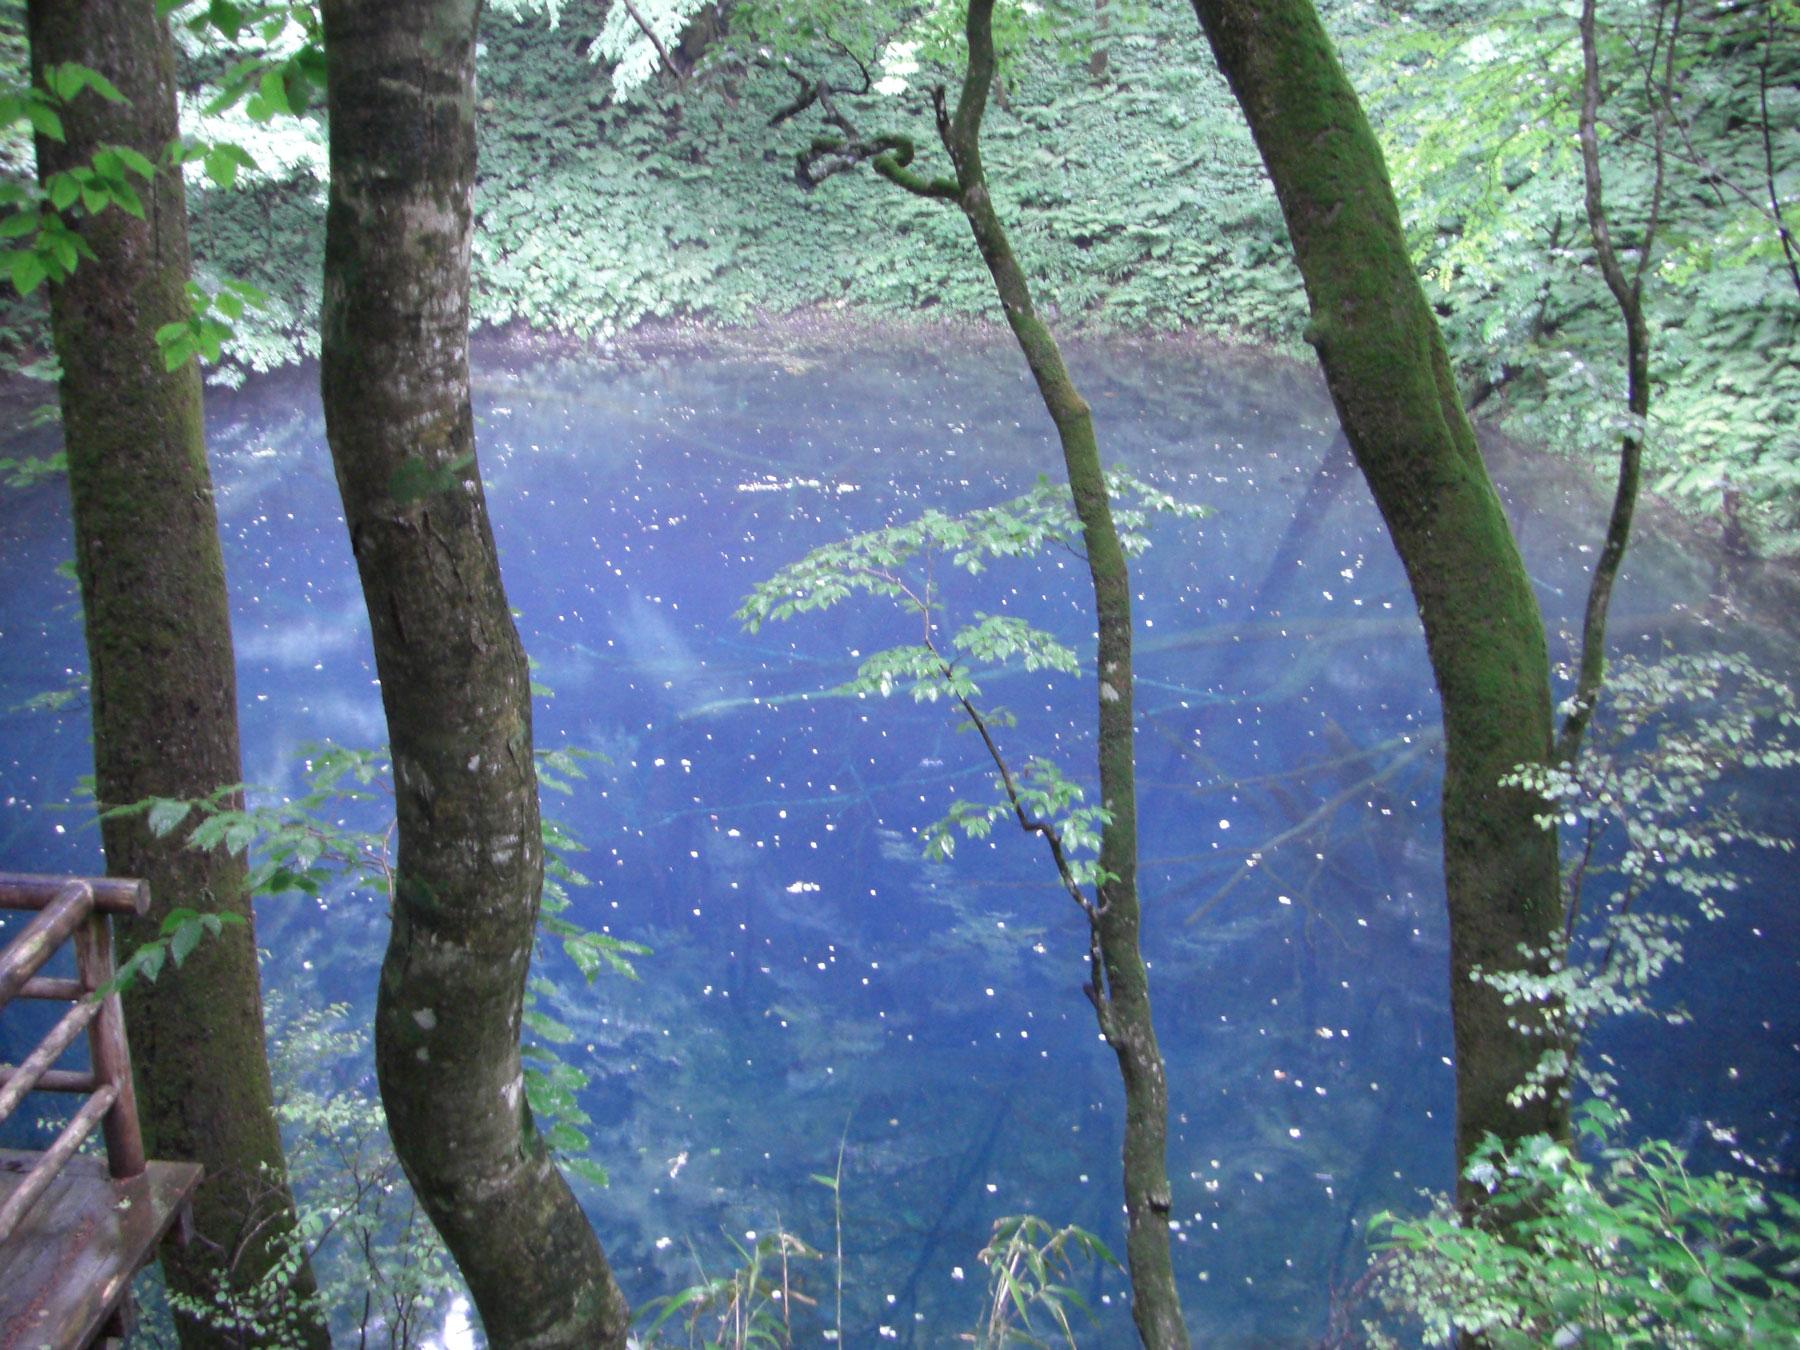 お昼の昇天時に写した青池の写真です